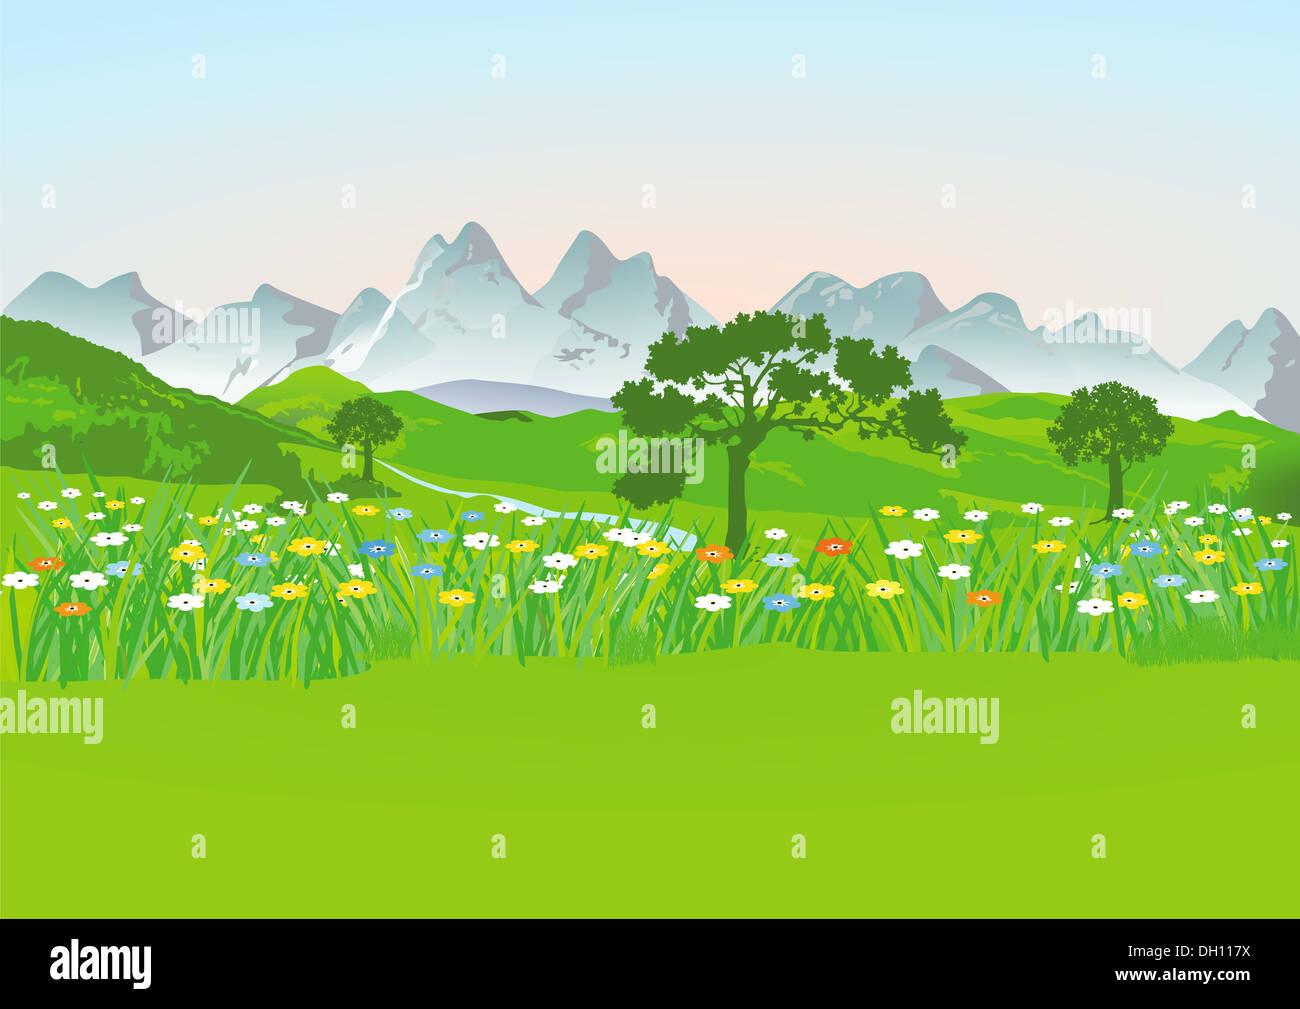 Mountain meadow with mountains Stock Photo